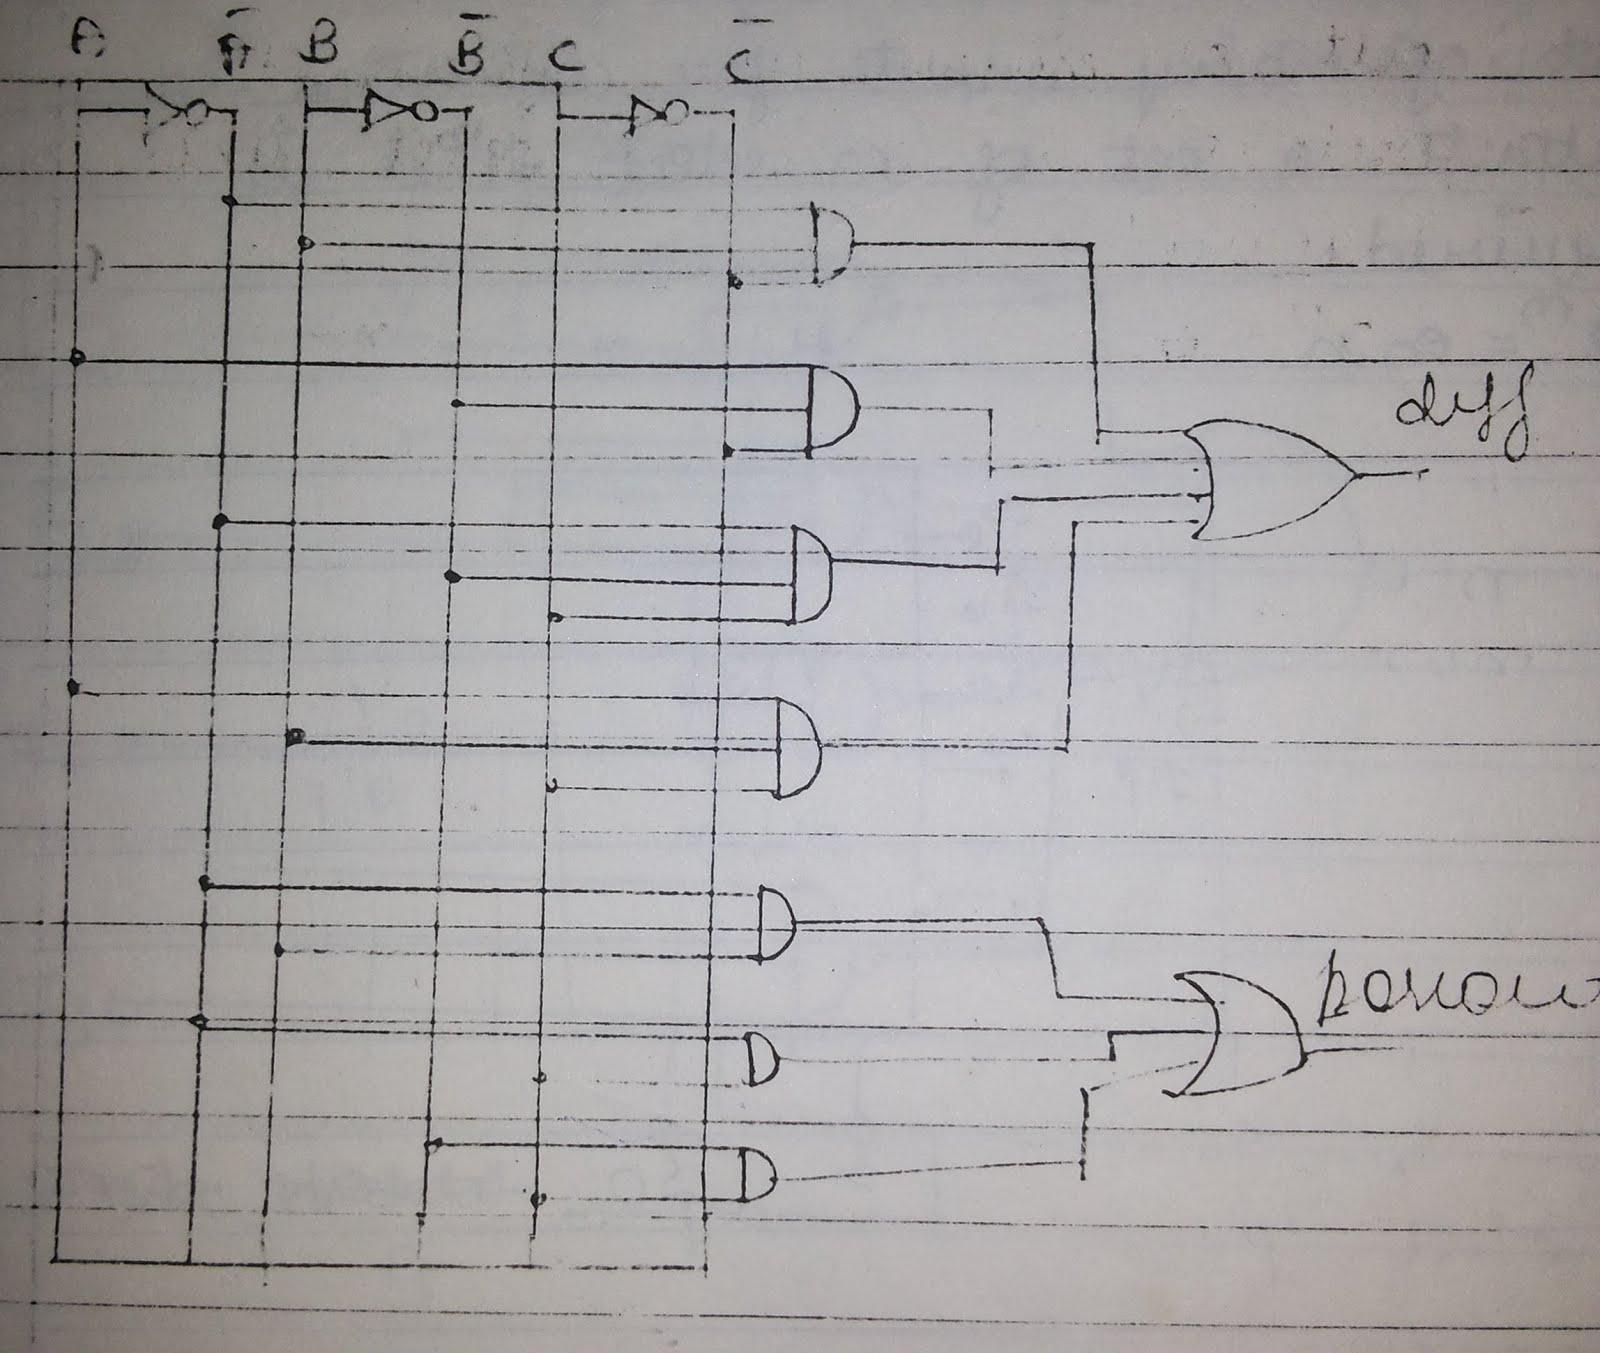 medium resolution of logic diagram of full subtractor circuit